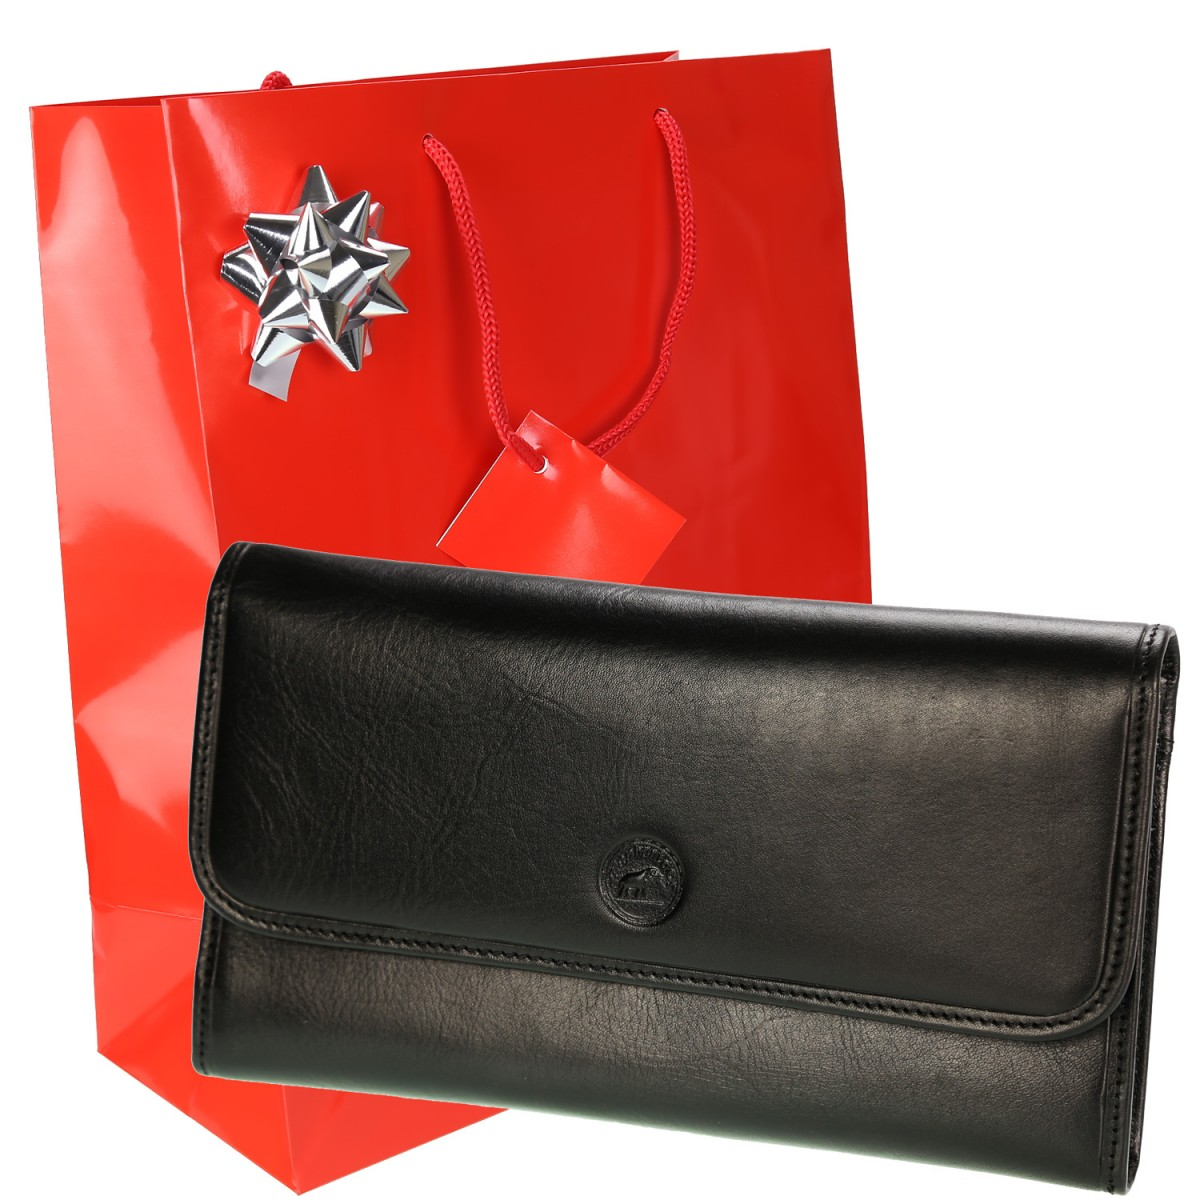 GRAND CLASSIQUE Portefeuille en cuir NOIR N1328 - Grand Portefeuille Homme PACK cadeau Noël. une fête. un anniversaire